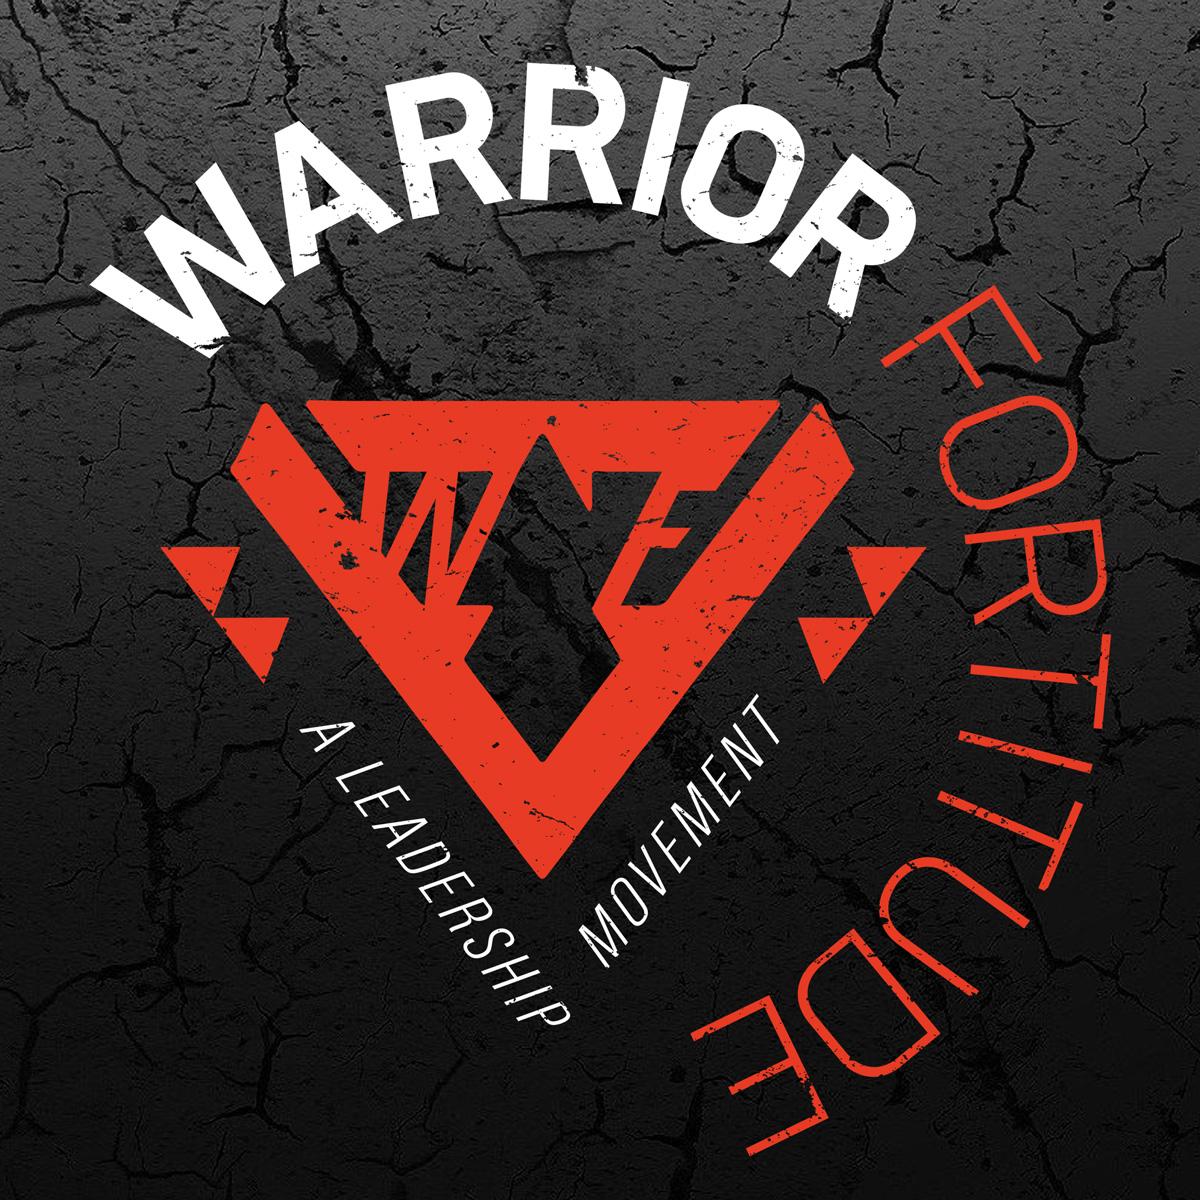 warriorfortitude